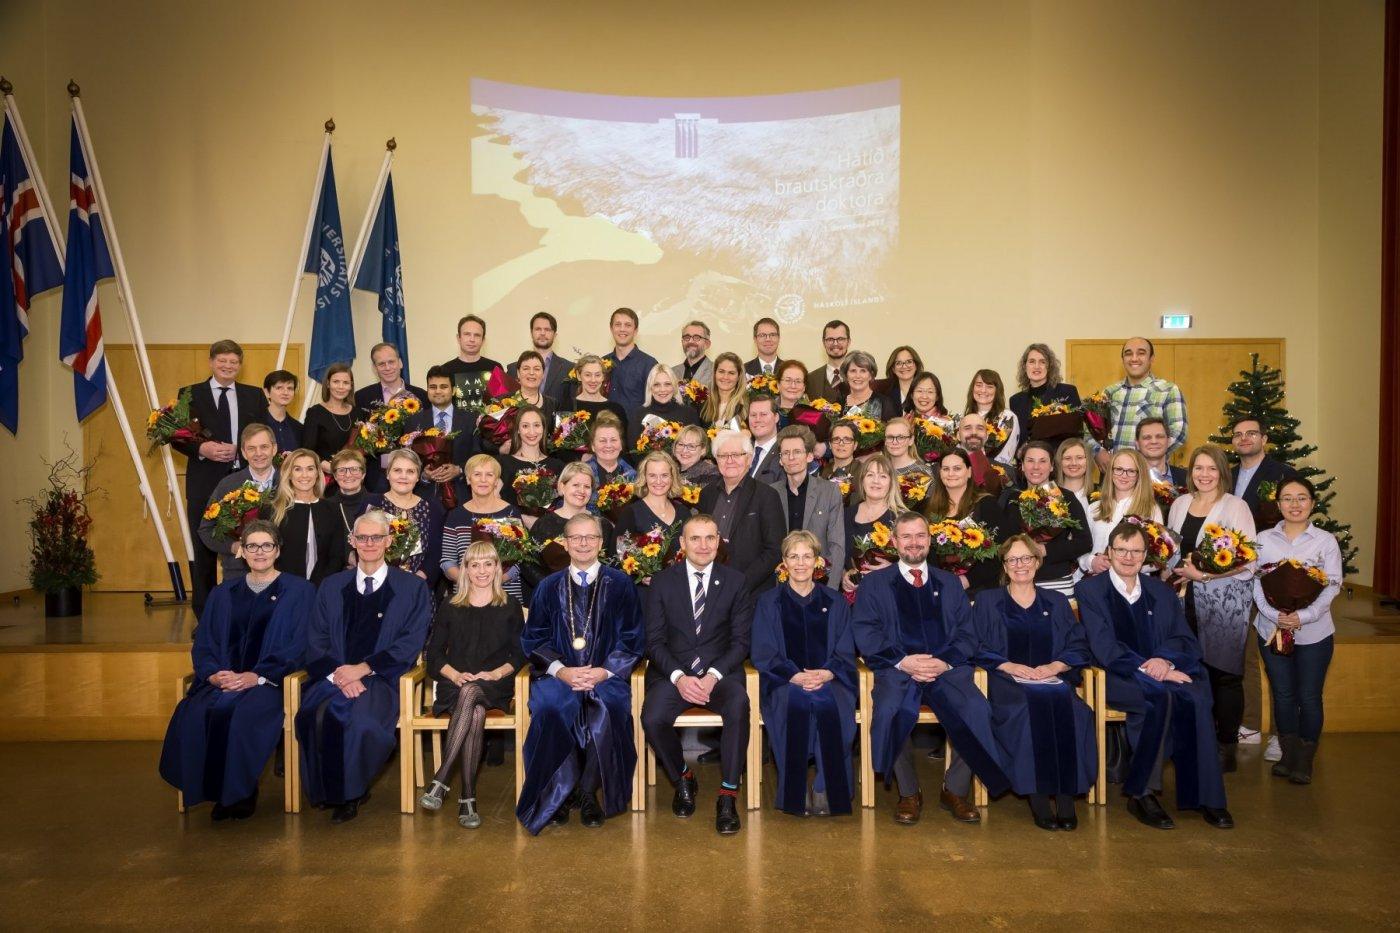 Nýju doktorarnir og fulltrúar þeirra ásamt forseta Íslands, rektor, aðstoðarrektorum og forsetum fræðasviða skólans.